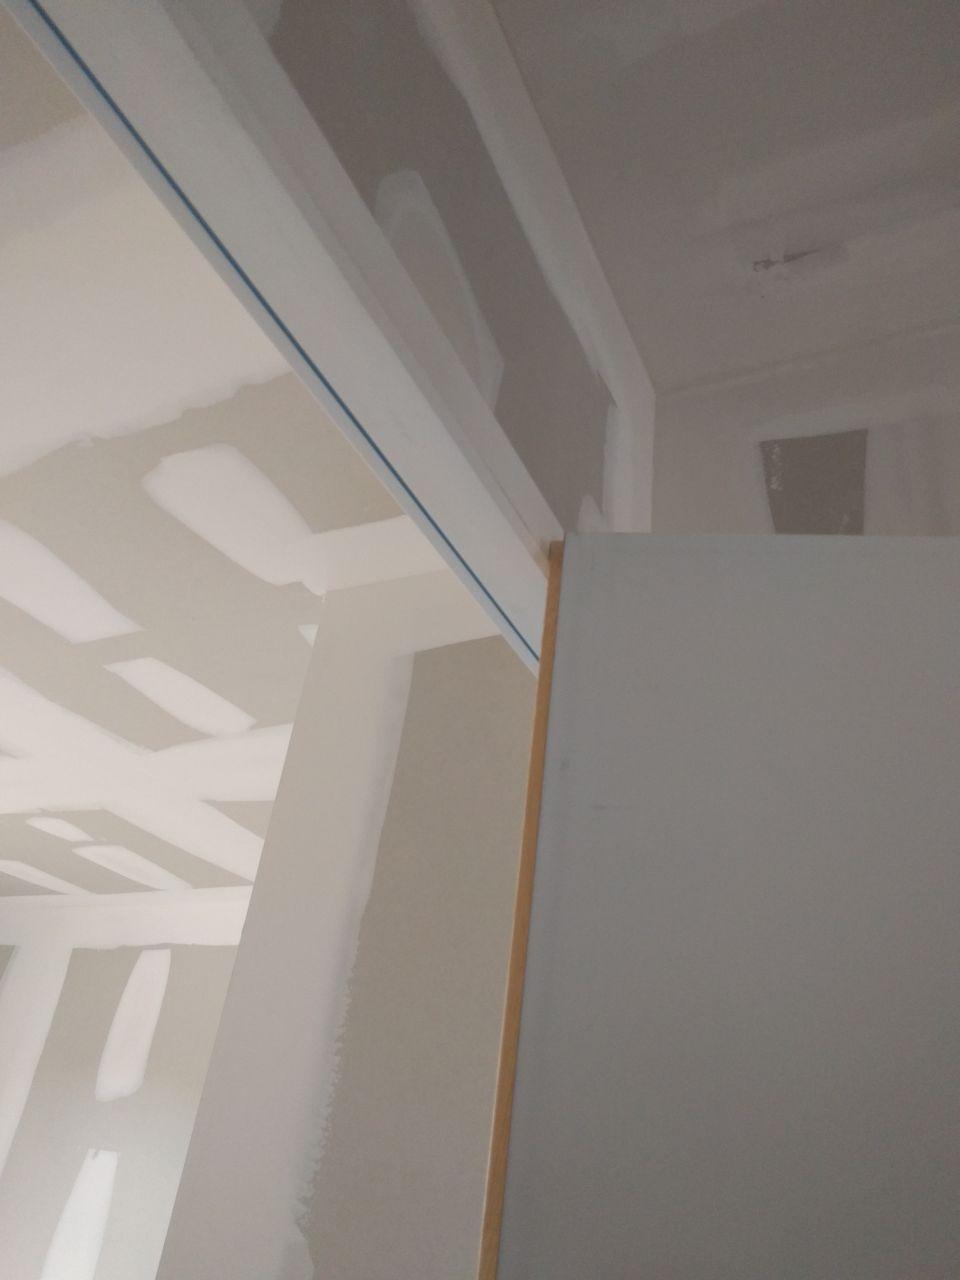 Surprise ! La porte du cellier ne s'ouvre pas entièrement contre le mur et tape contre le cadre de la porte de la chambre à côté